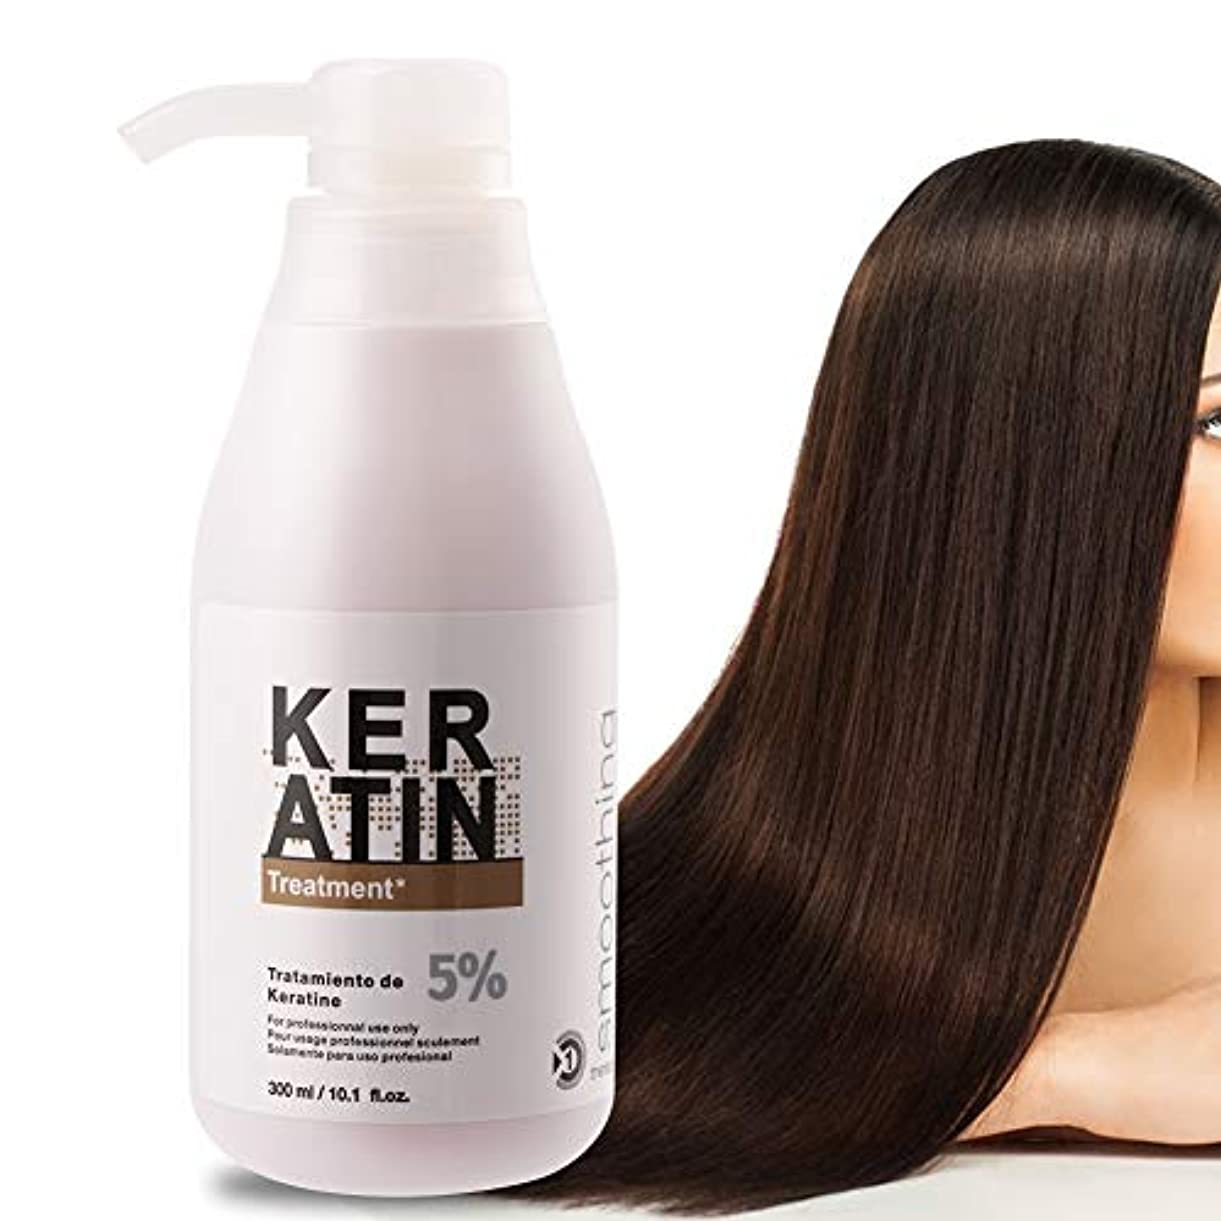 バー騒乱護衛乾いた、ダメージを受けた、そして化学的に処理された髪のためのケラチンとタンパク質のケラチンヘアマスク、300mlブラジルのケラチンヘアトリートメント